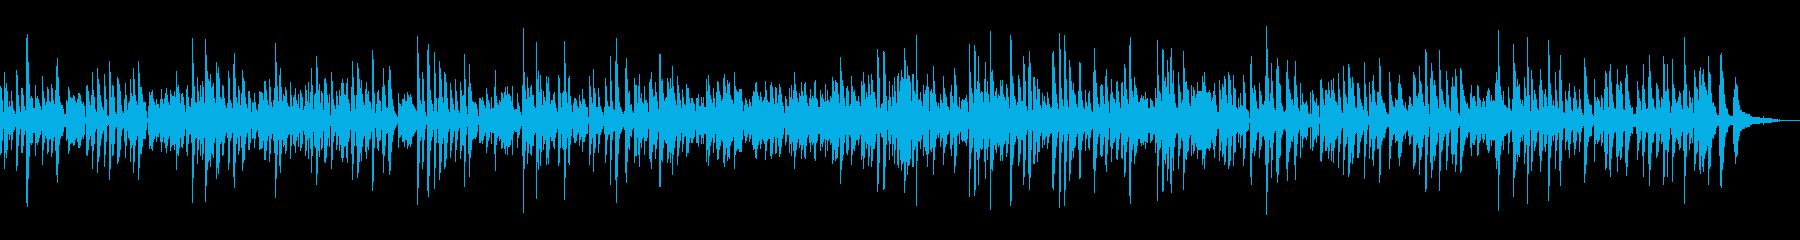 レトロなおしゃれジャズピアノの再生済みの波形